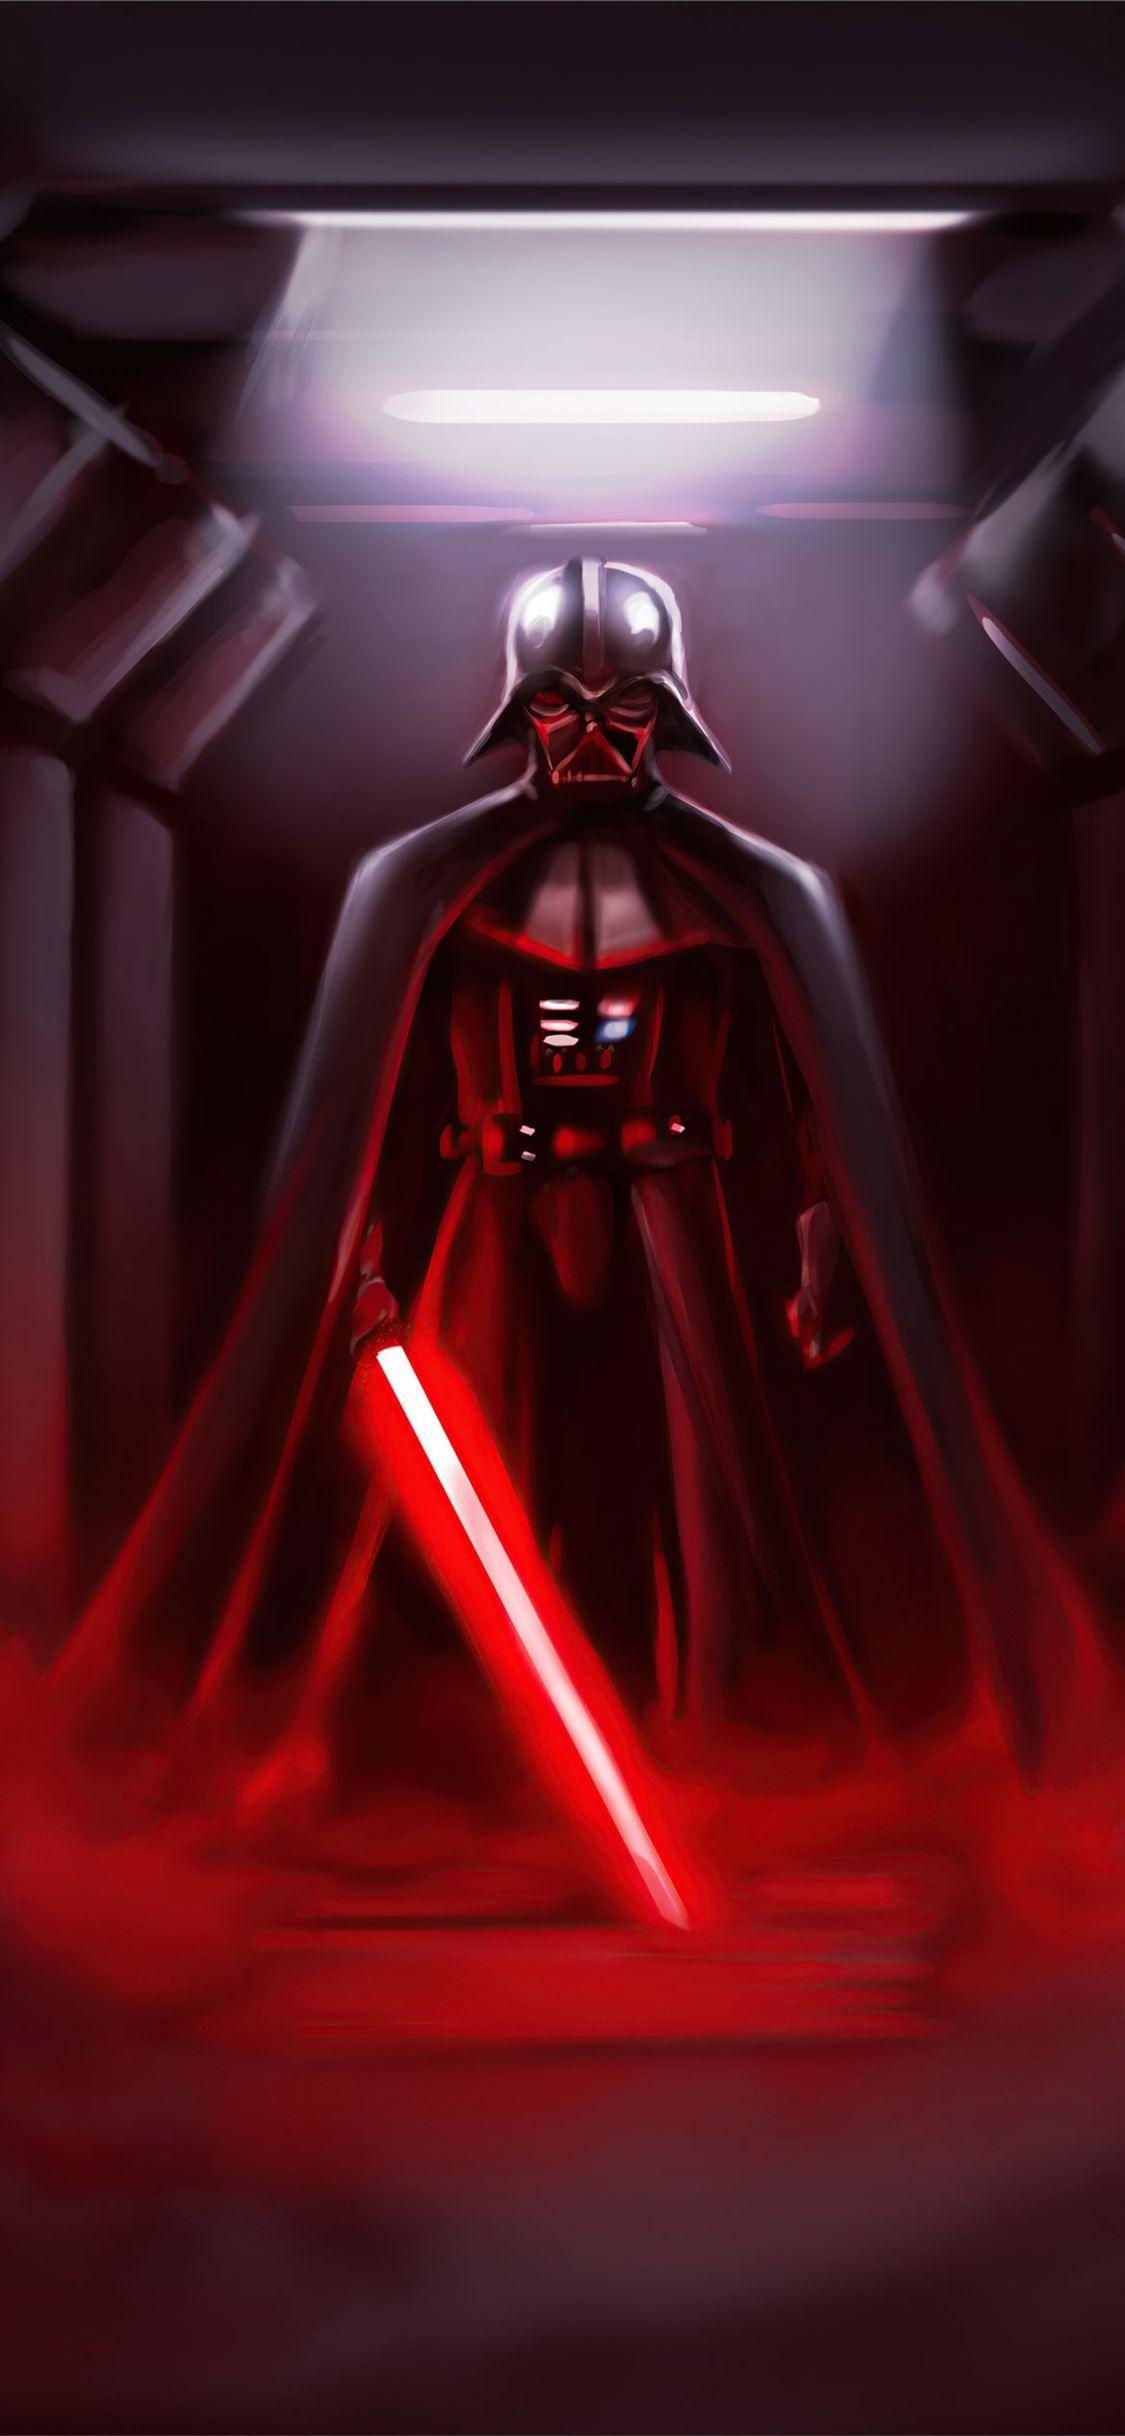 2020 4k Darth Vader Darthvader Movies Starwars Artwork 4k Artstation Iphonexwallpaper Darth Vader Wallpaper Hd Cool Wallpapers Darth Vader